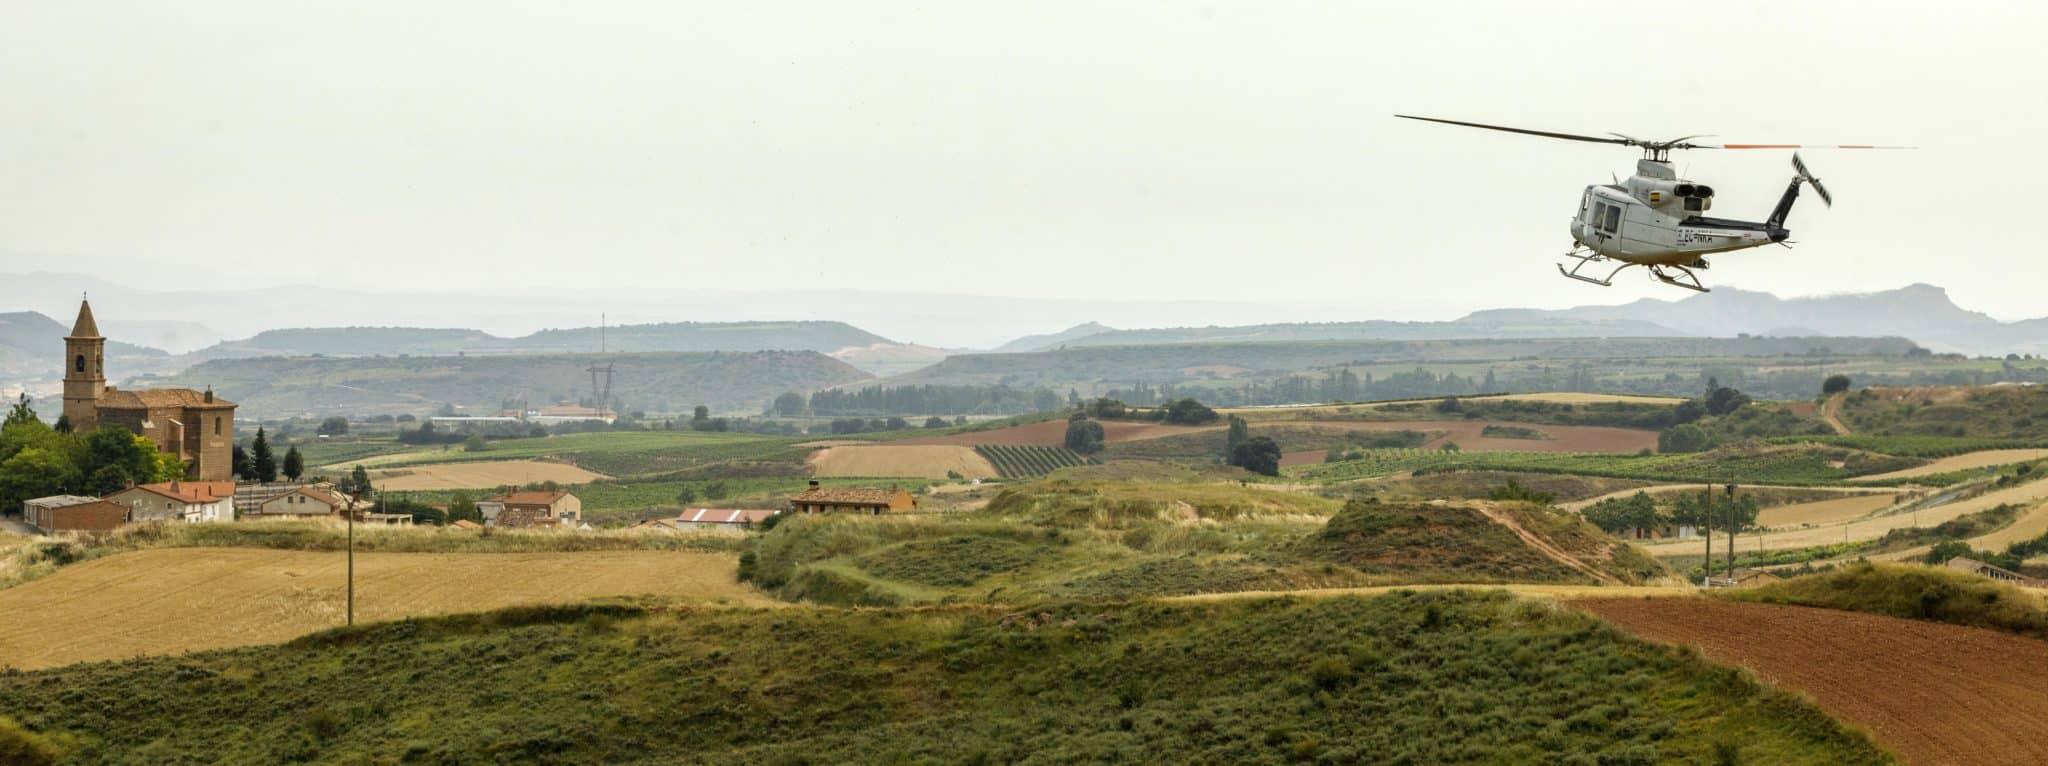 La Rioja contra los incendios forestales: más de 300 profesionales y casi 8,5 millones de presupuesto 10